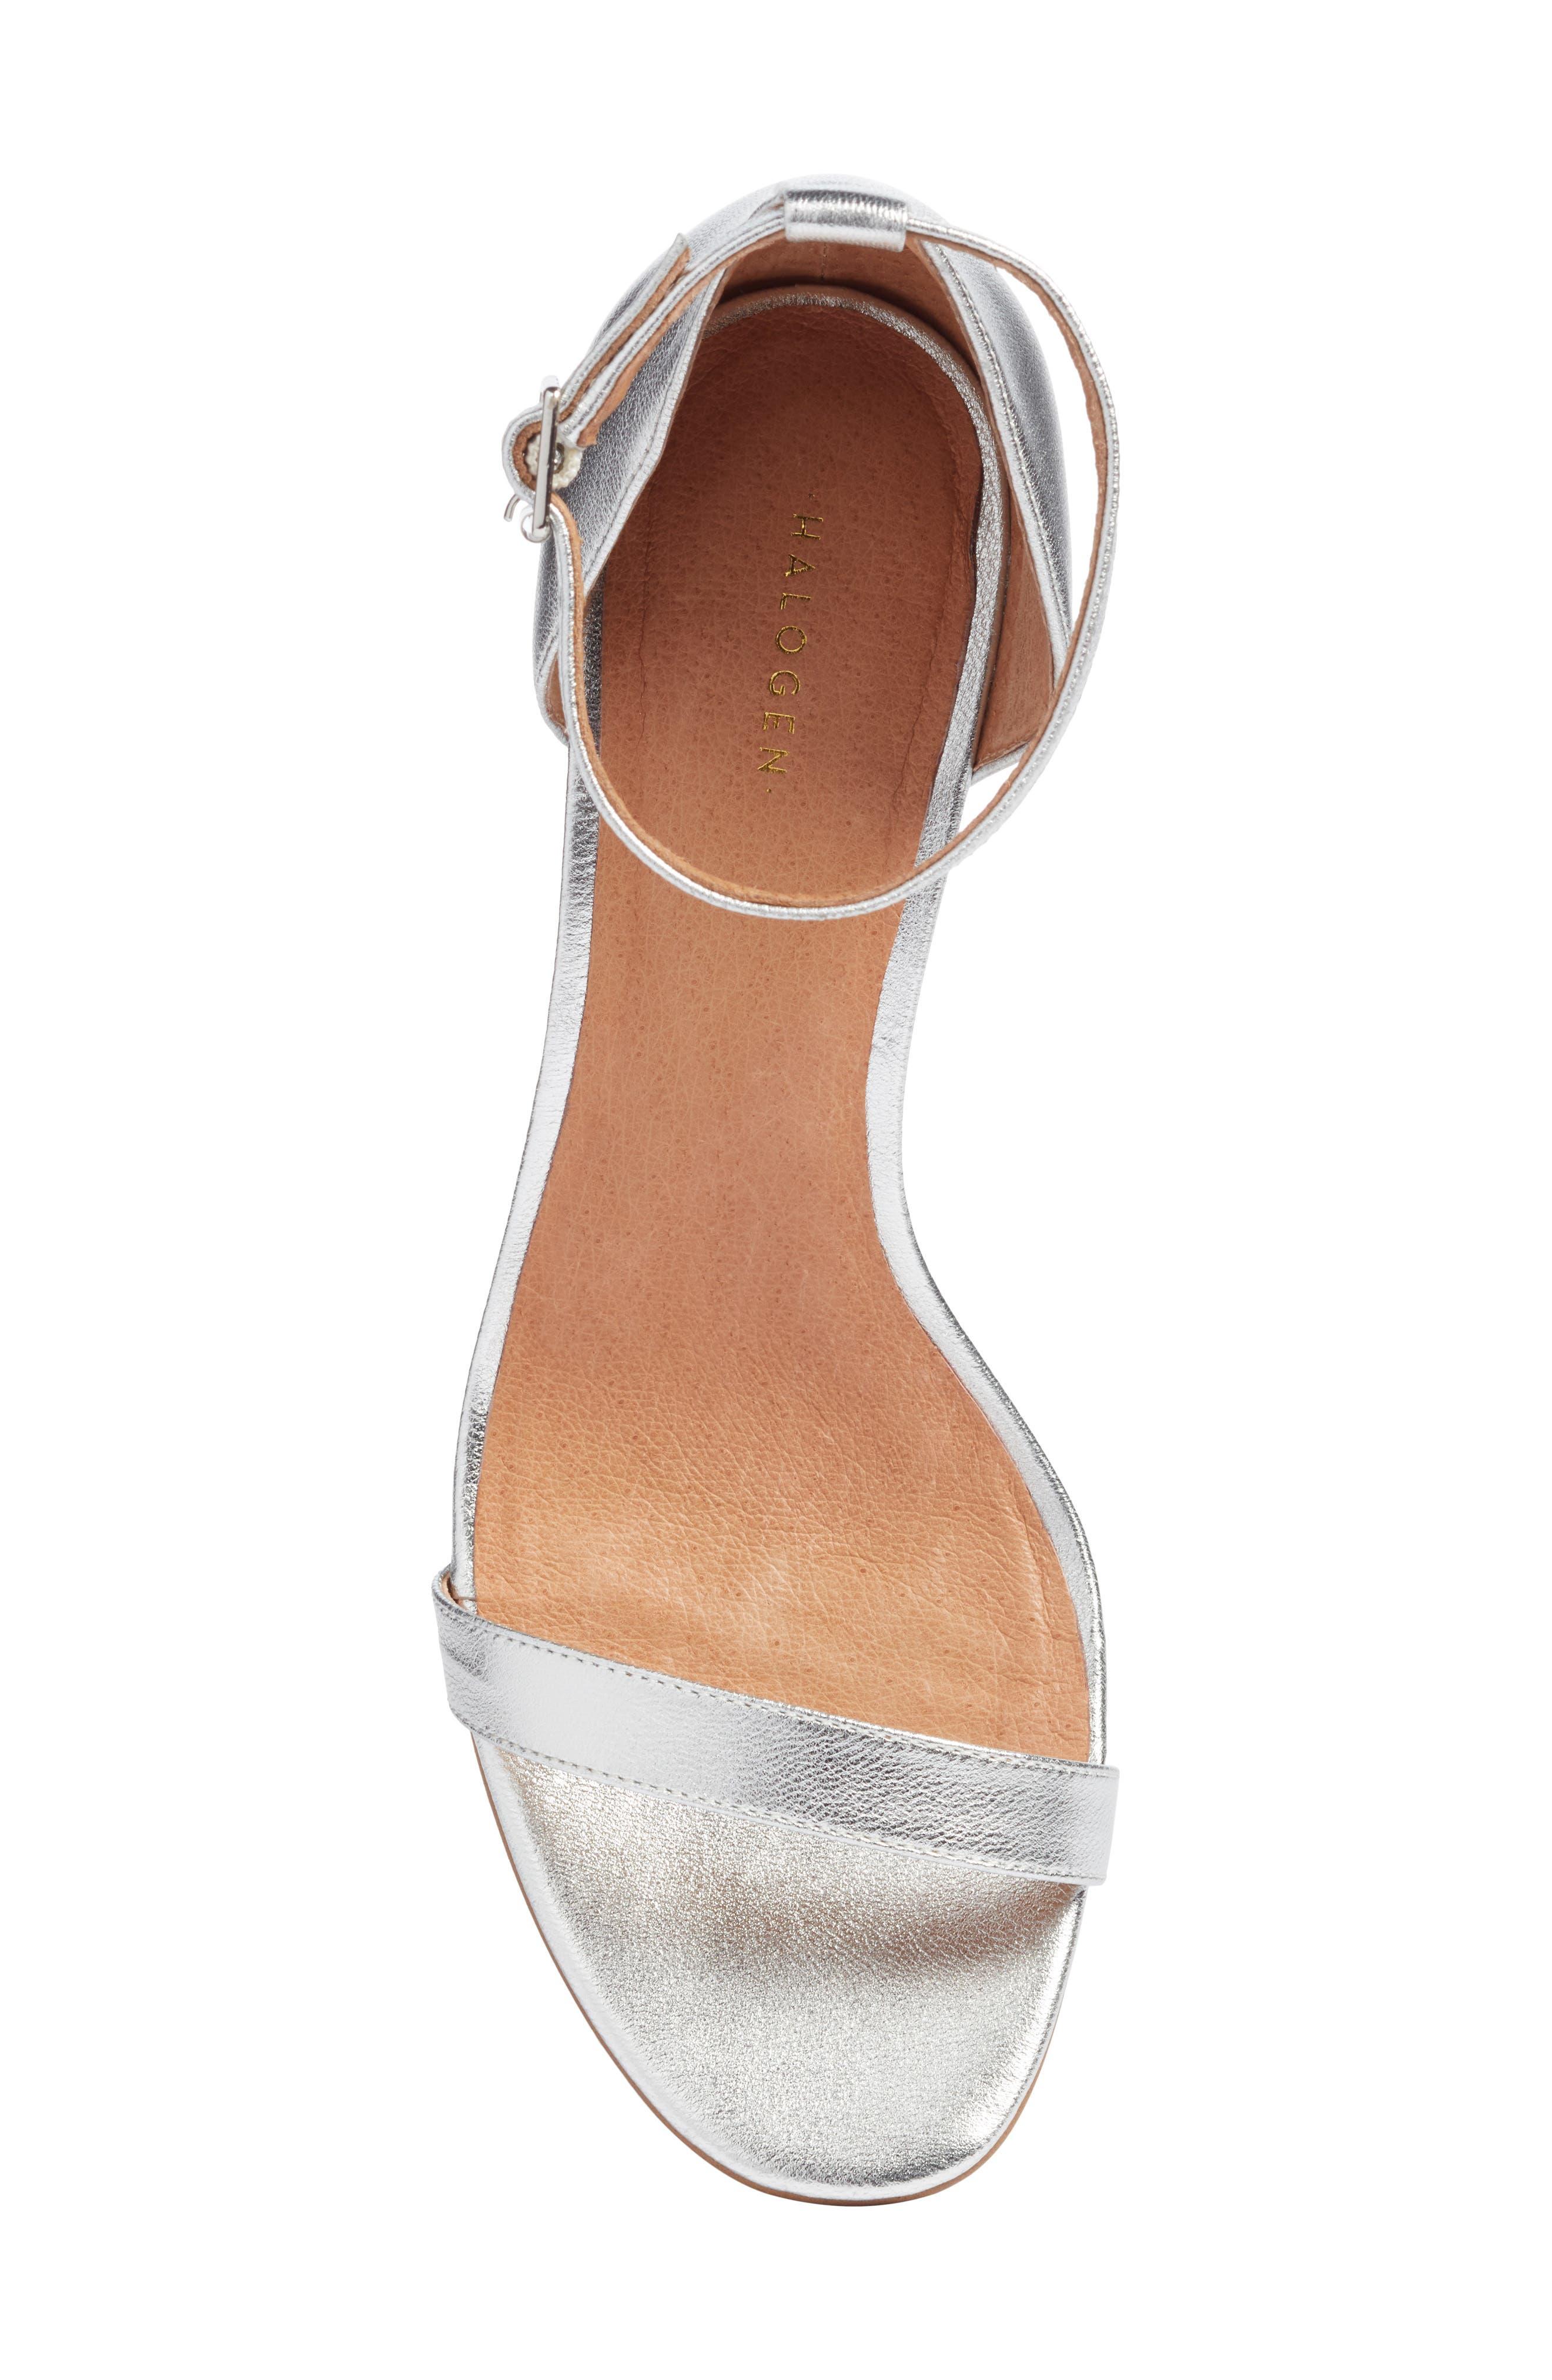 Audrey Ankle Strap Sandal,                             Alternate thumbnail 87, color,